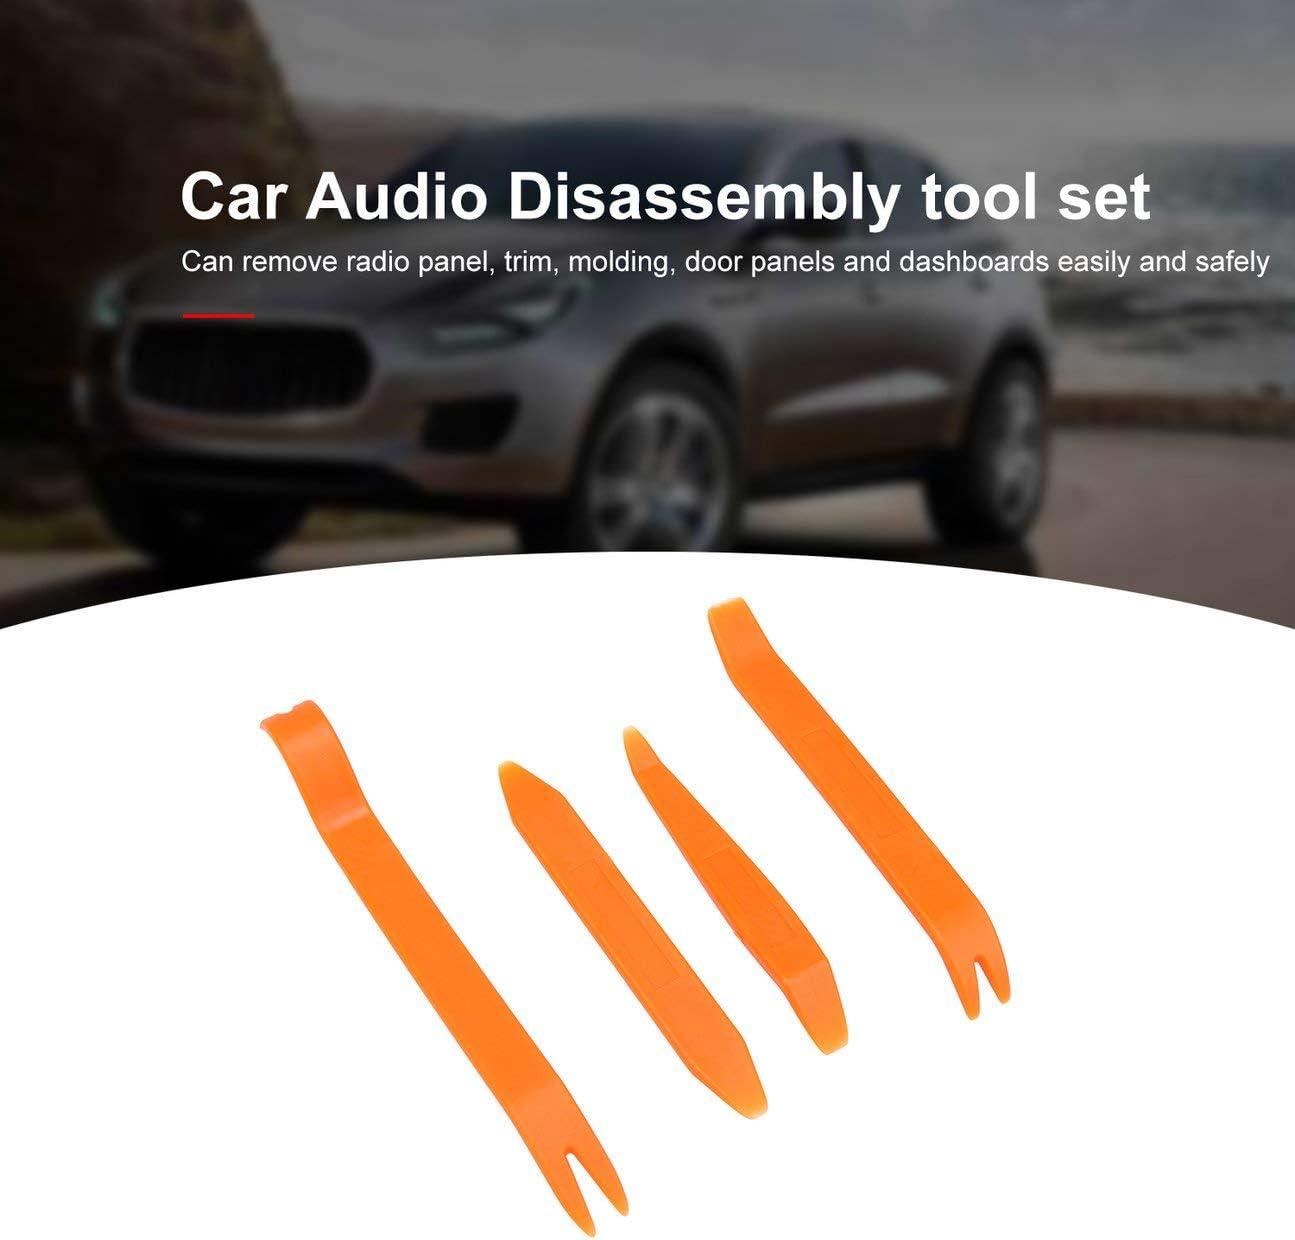 1 Set Outil De D/émontage Audio De Voiture En Plastique Auto Panneau Trim Trim Dash Open Installer Suppression R/éparation Pry Tools Kit